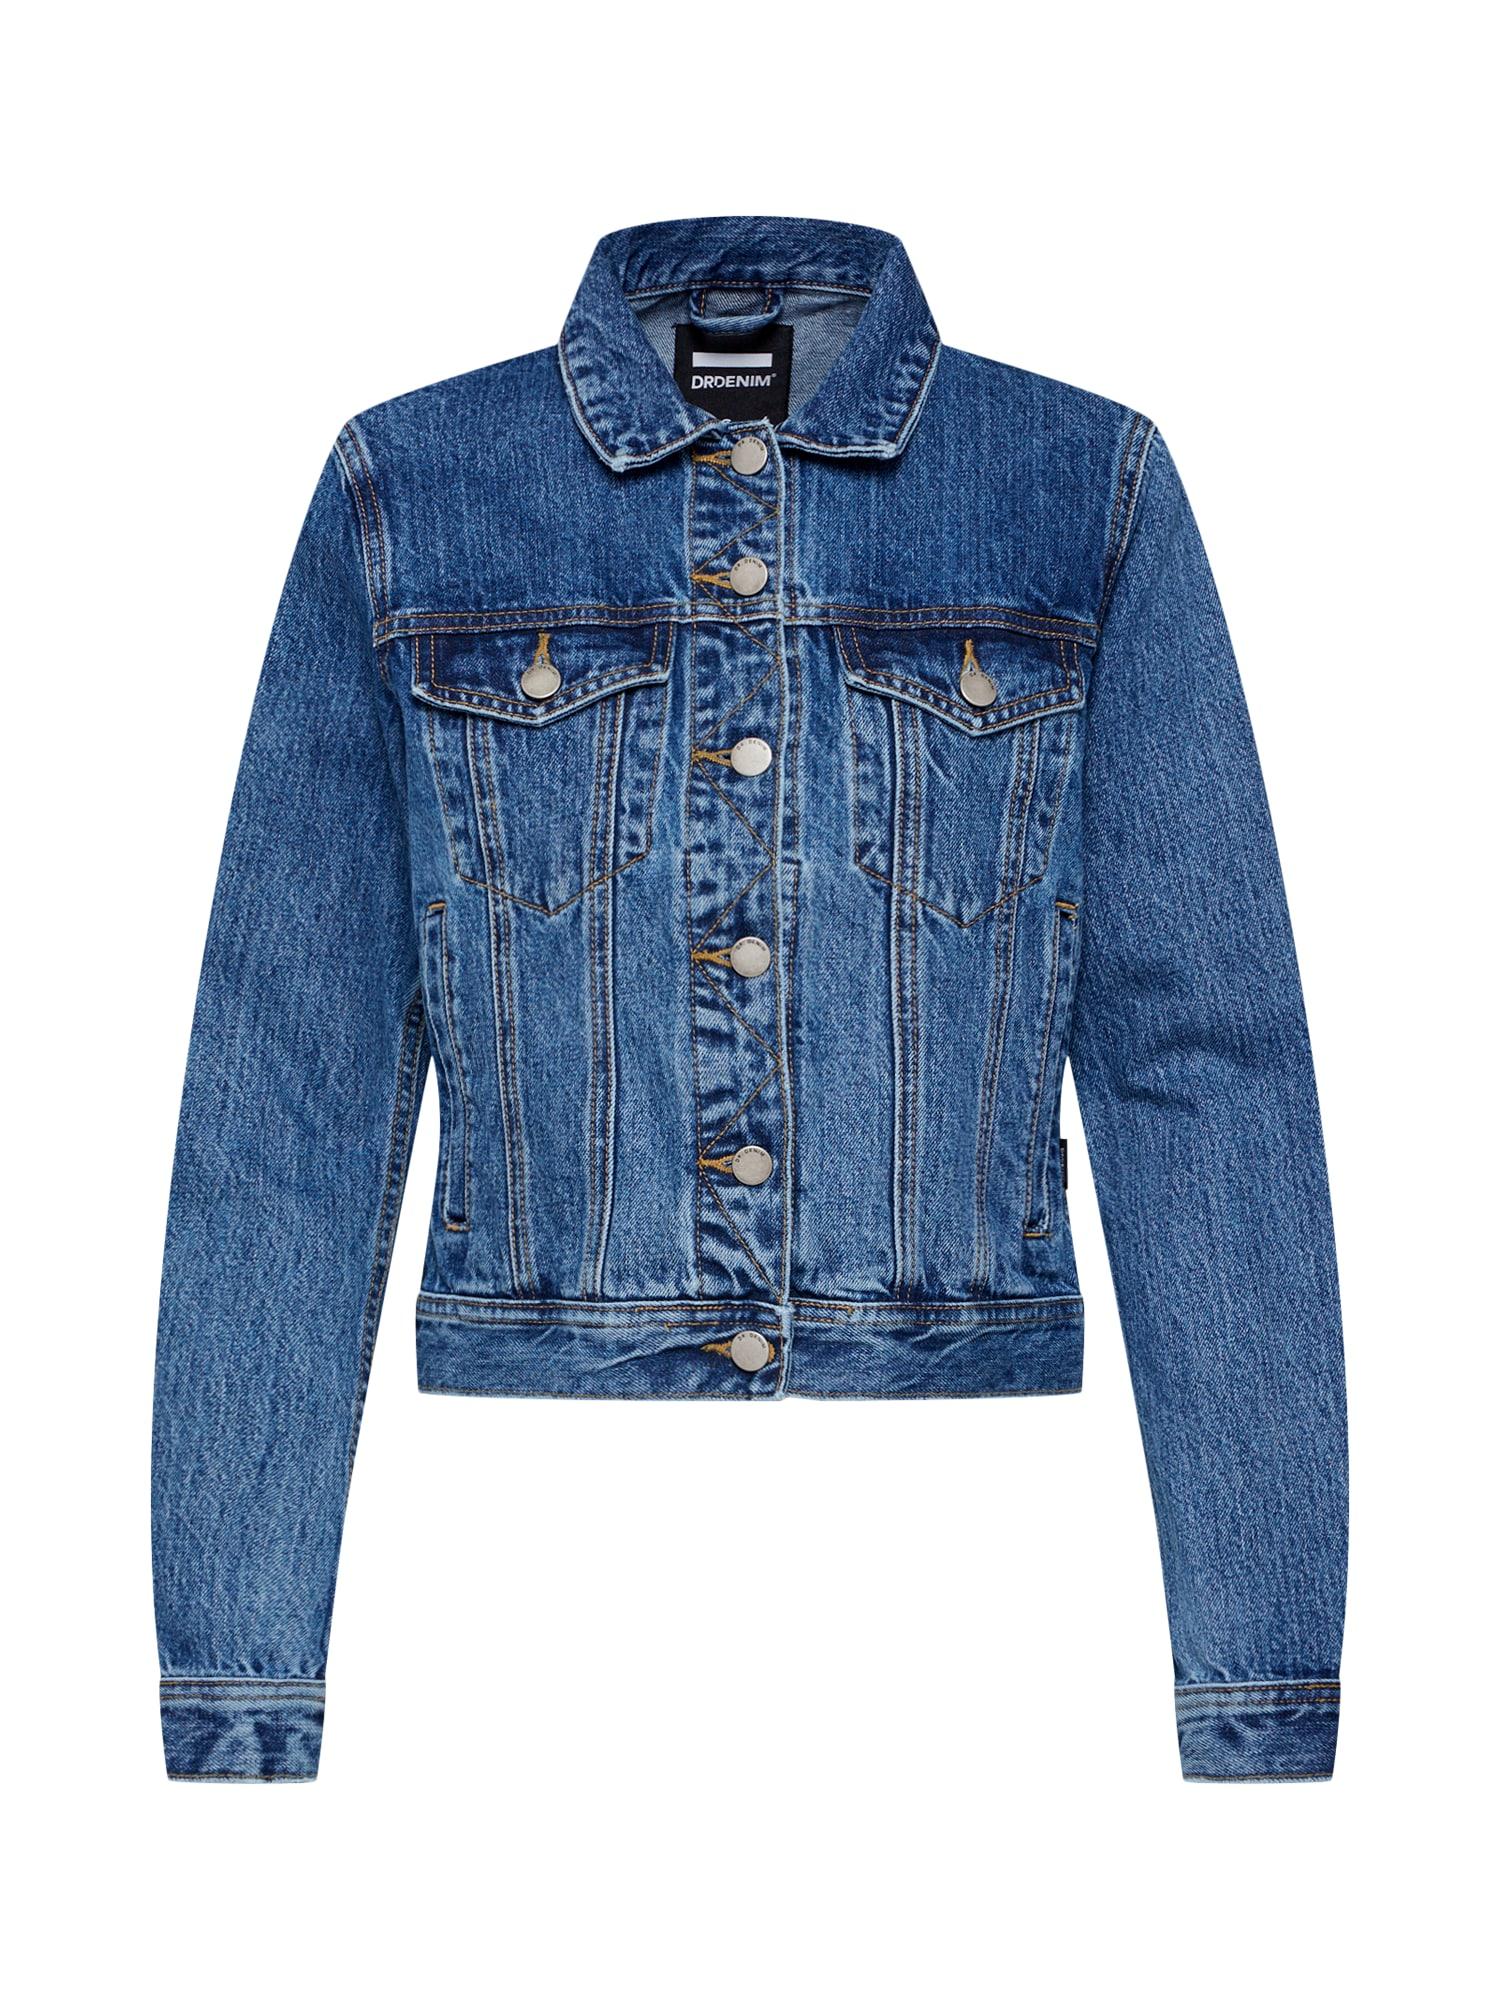 Přechodná bunda Viva Trucker Jacket modrá džínovina Dr. Denim